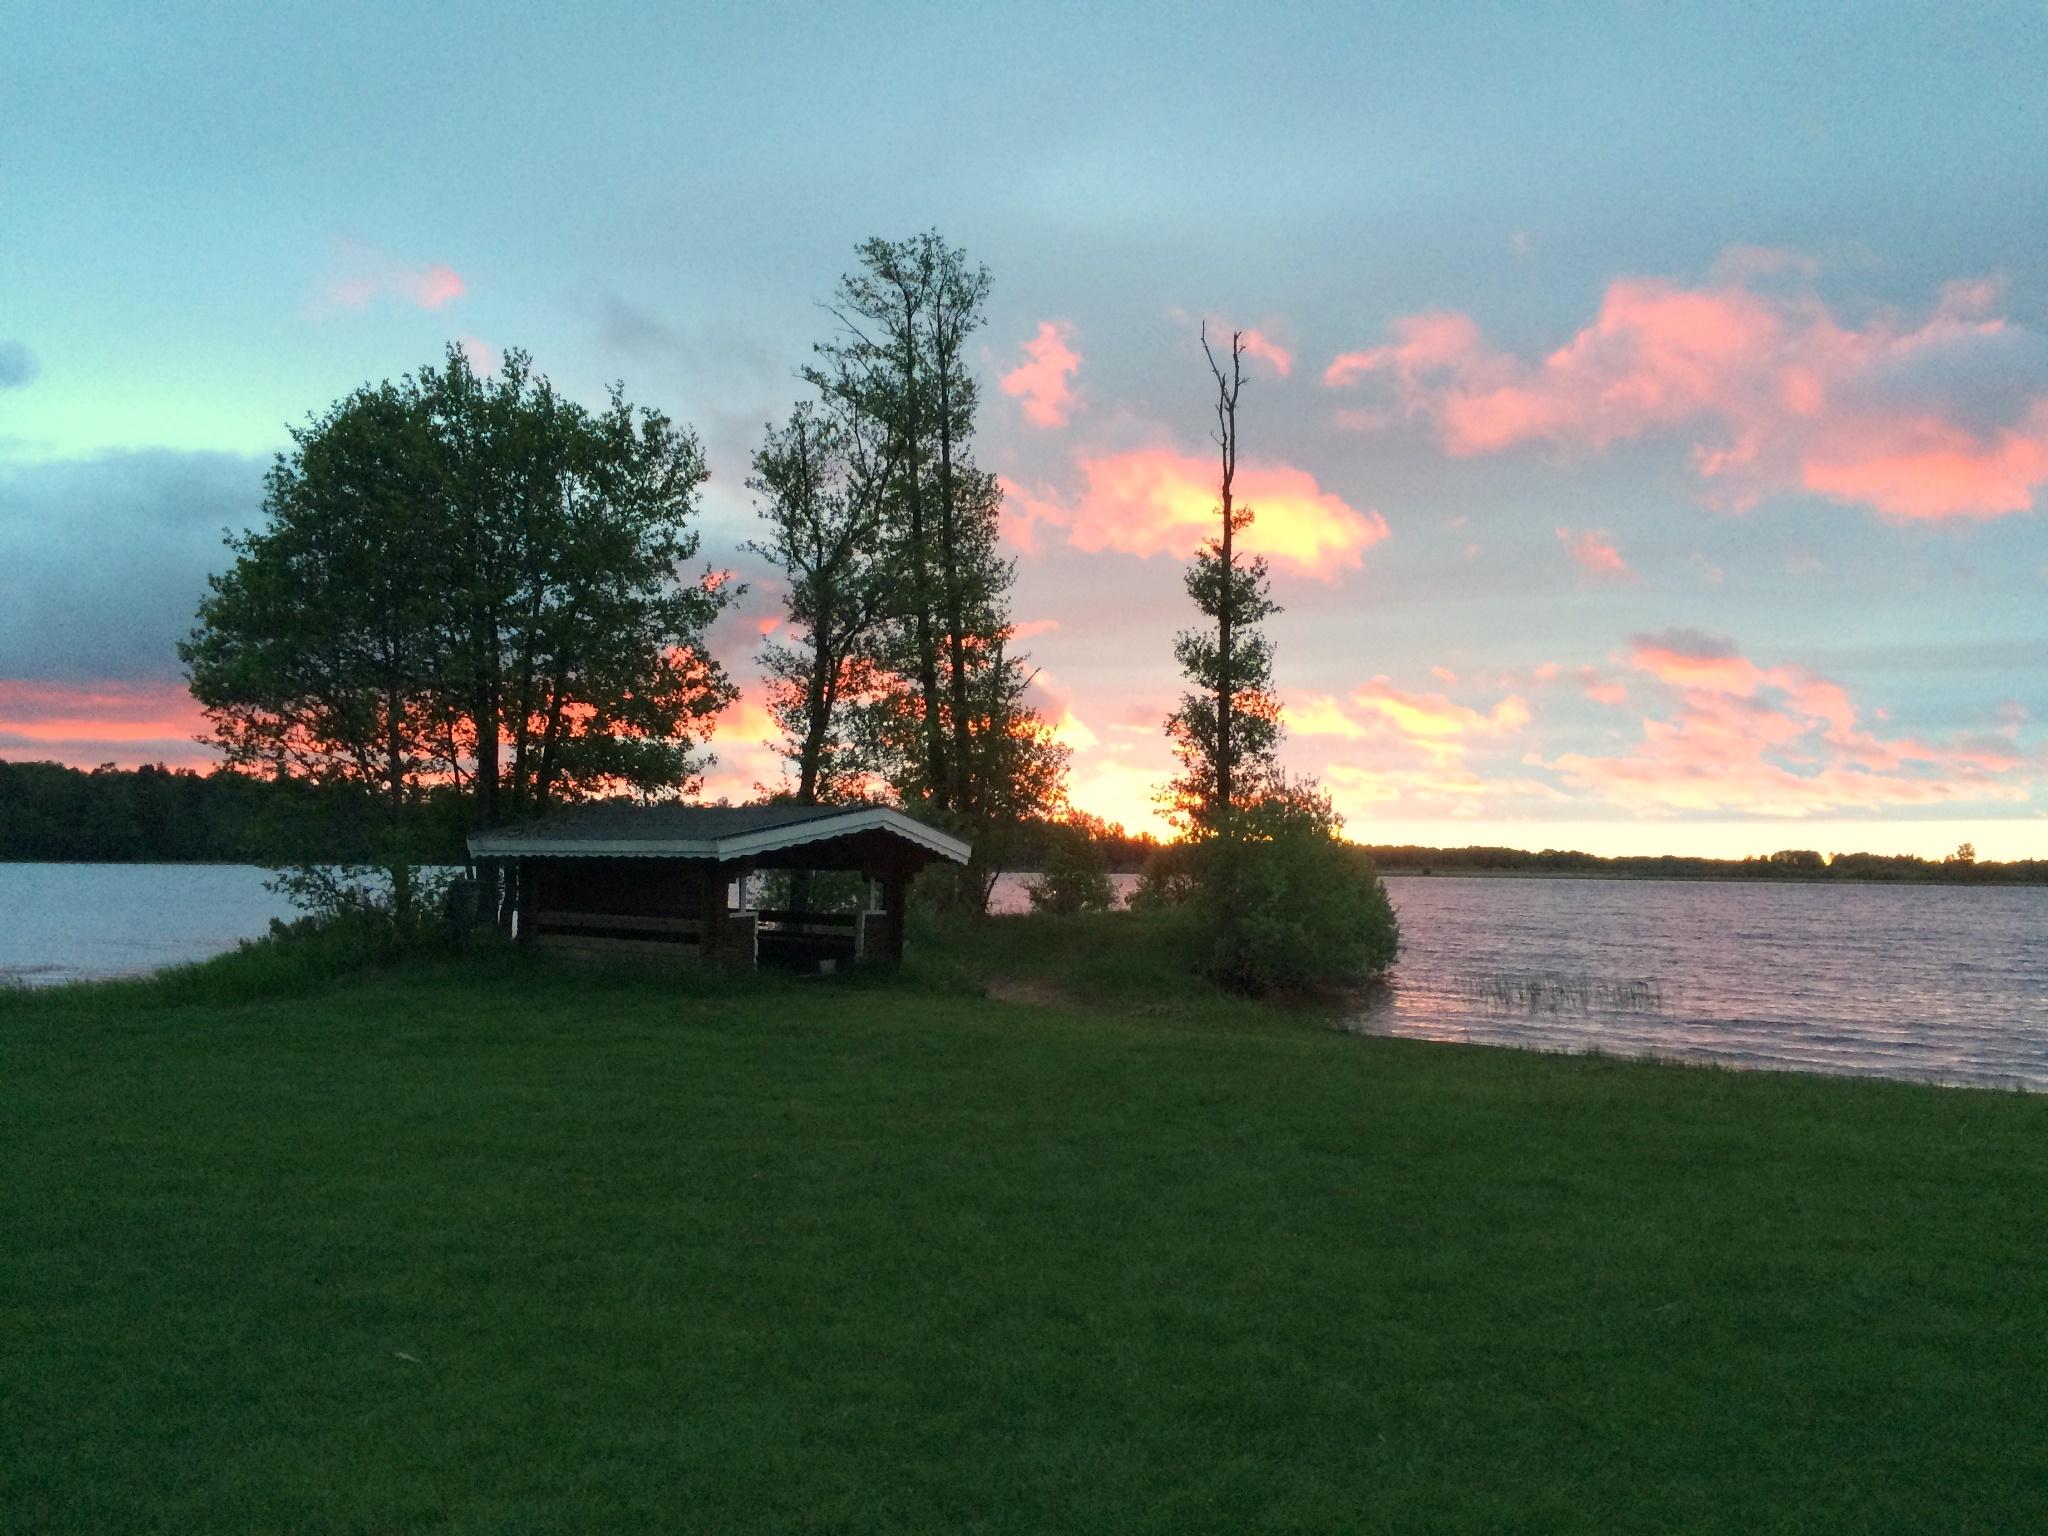 Sunset Vidöstern